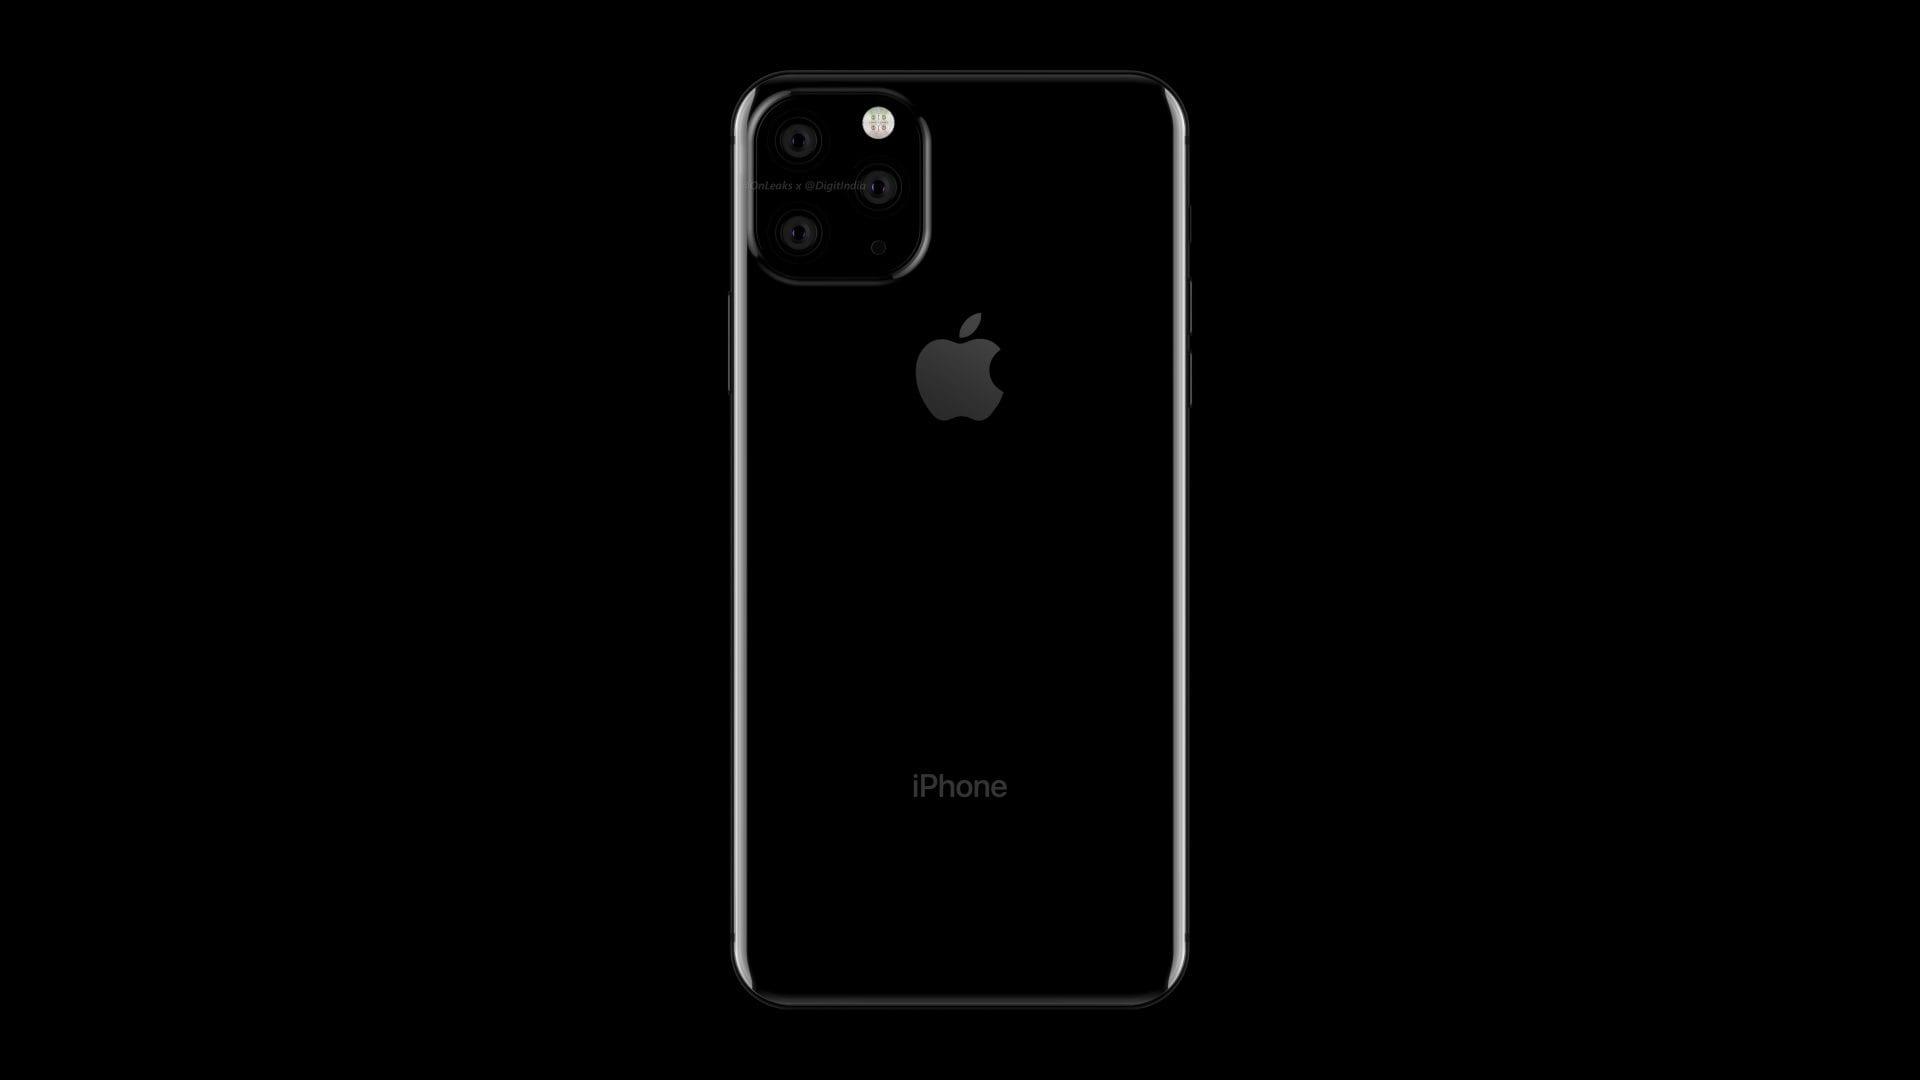 iPhone XI potrebbe integrare un triplo sensore fotografico | Evosmart.it